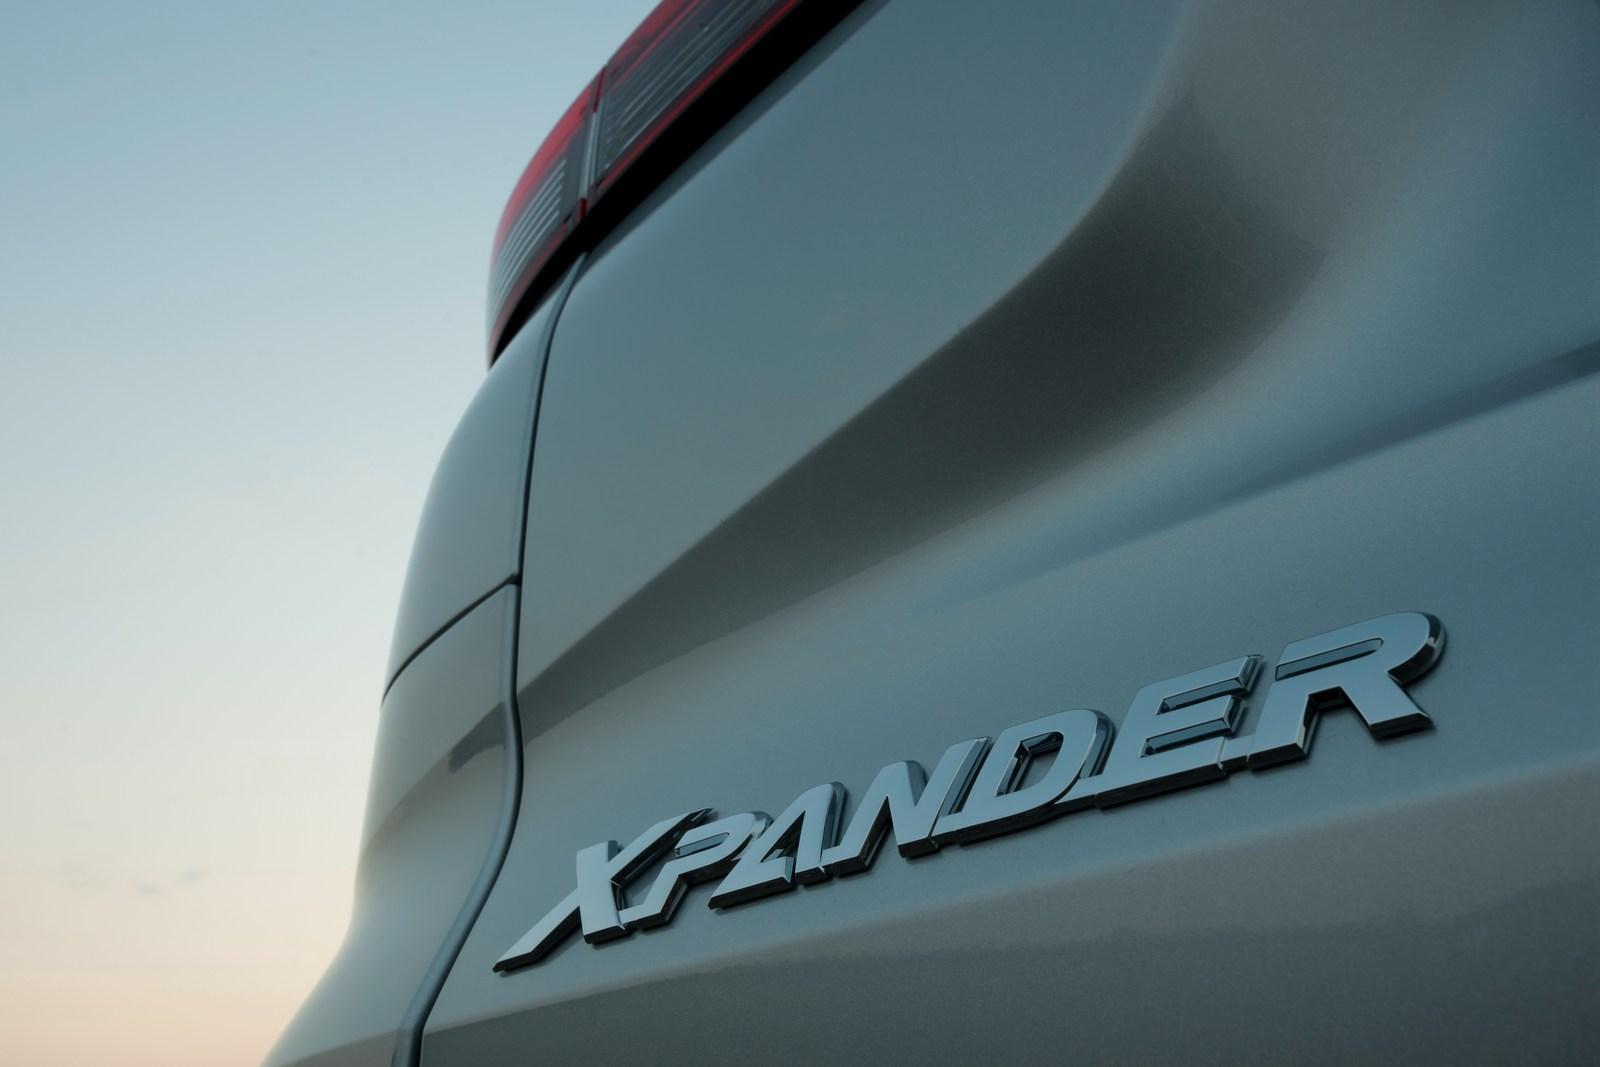 2018_Mitsubishi_Xpander_11